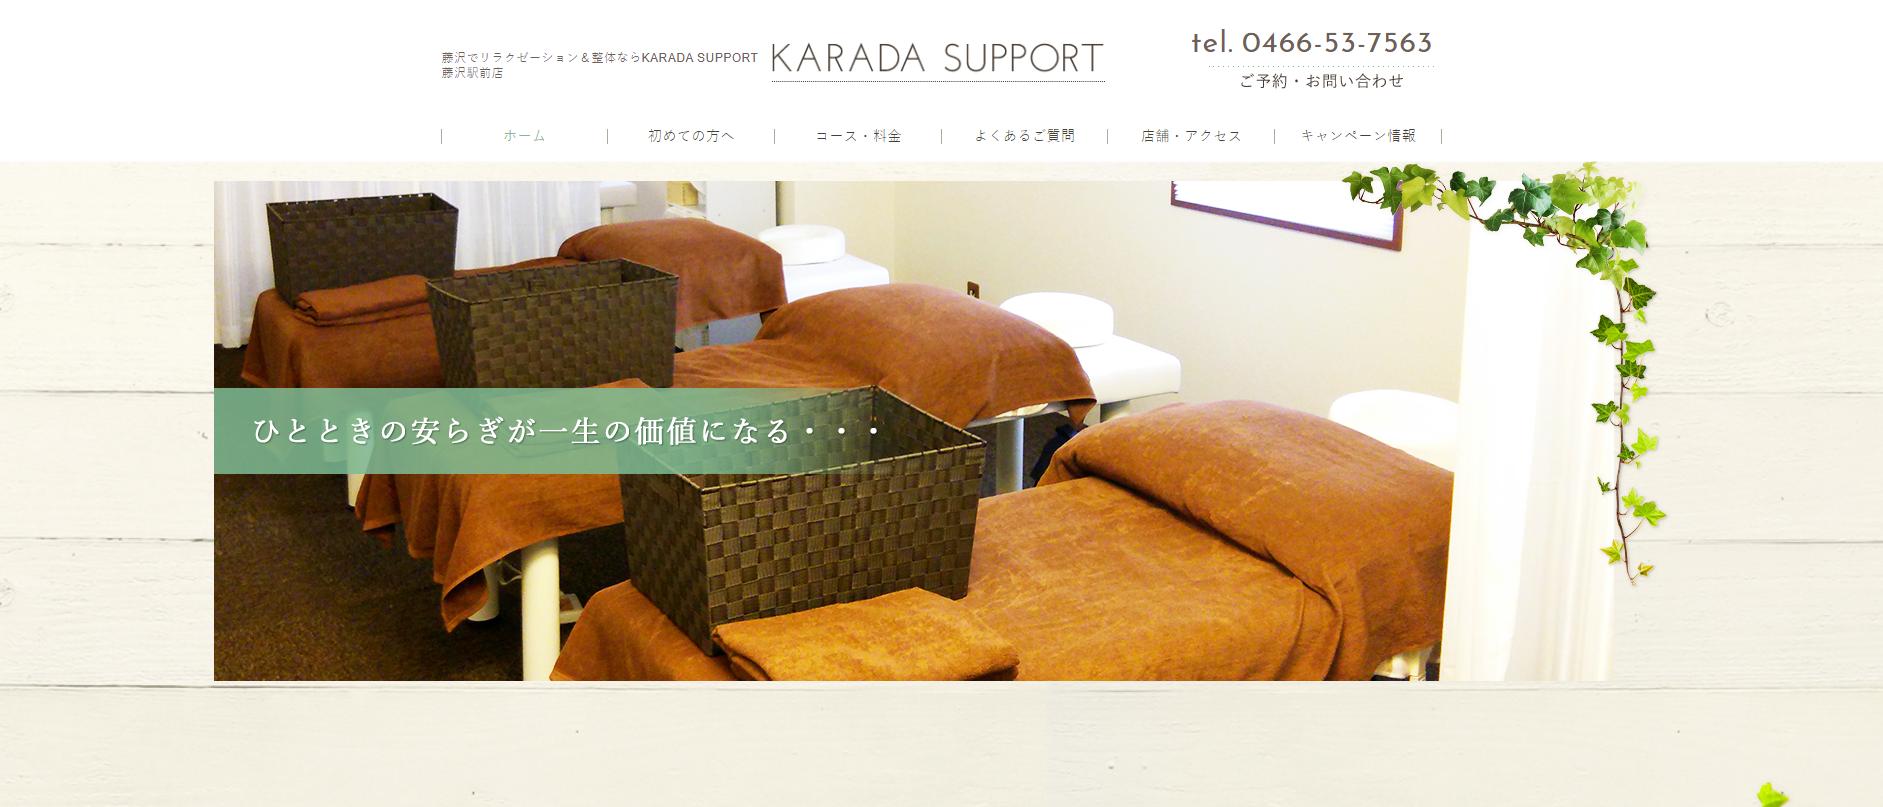 KARADA SUPPORTのサムネイル